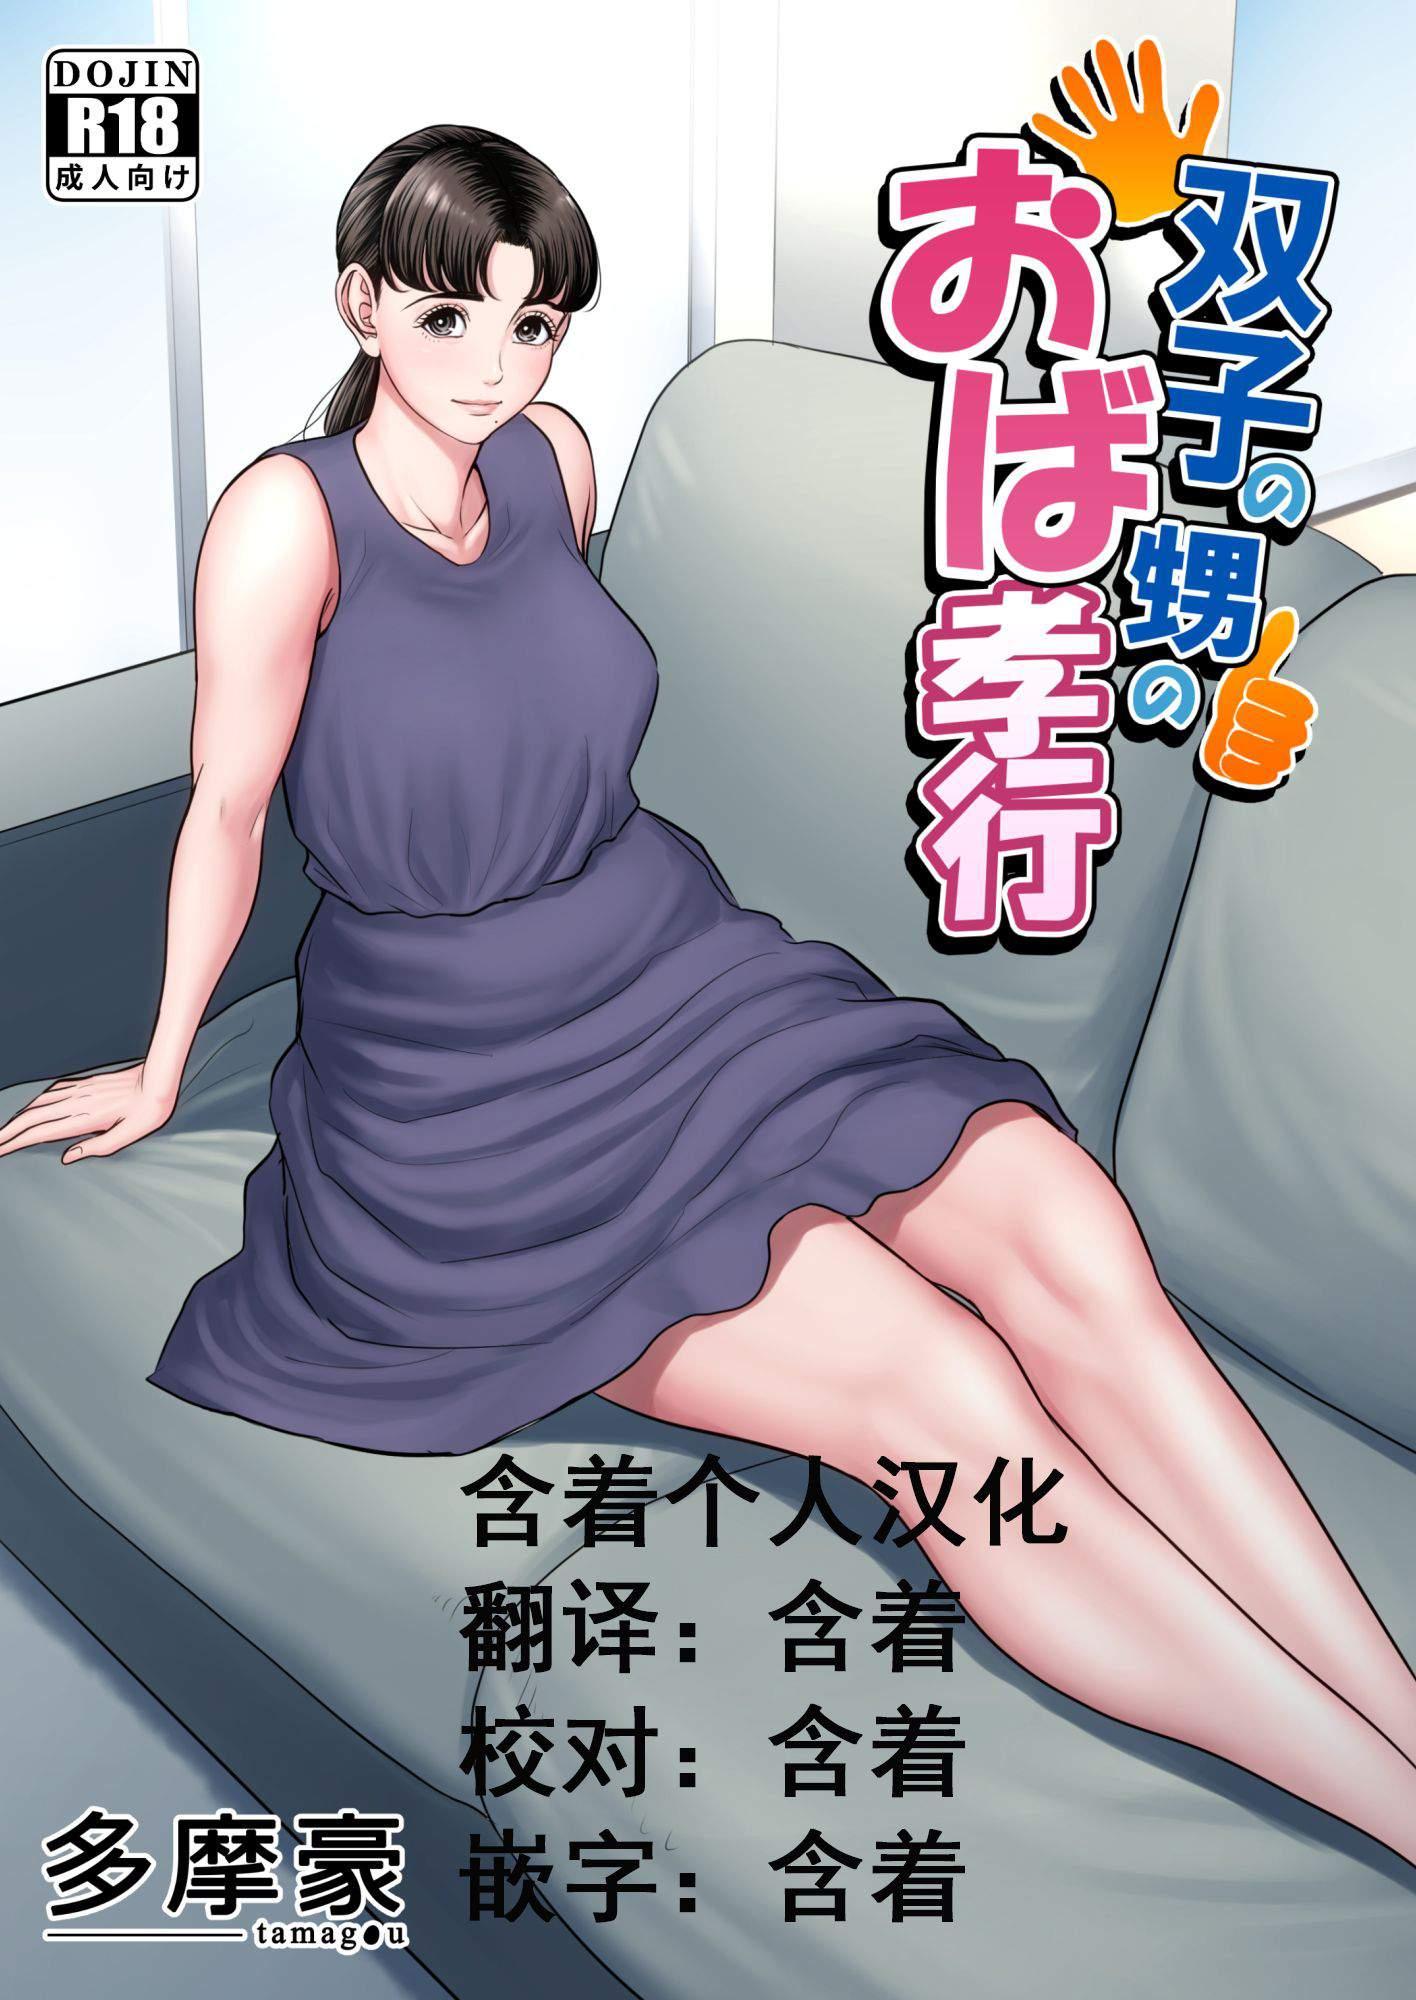 """性爱按摩 """"多摩豪""""x12【239M】 漫画-第1张"""